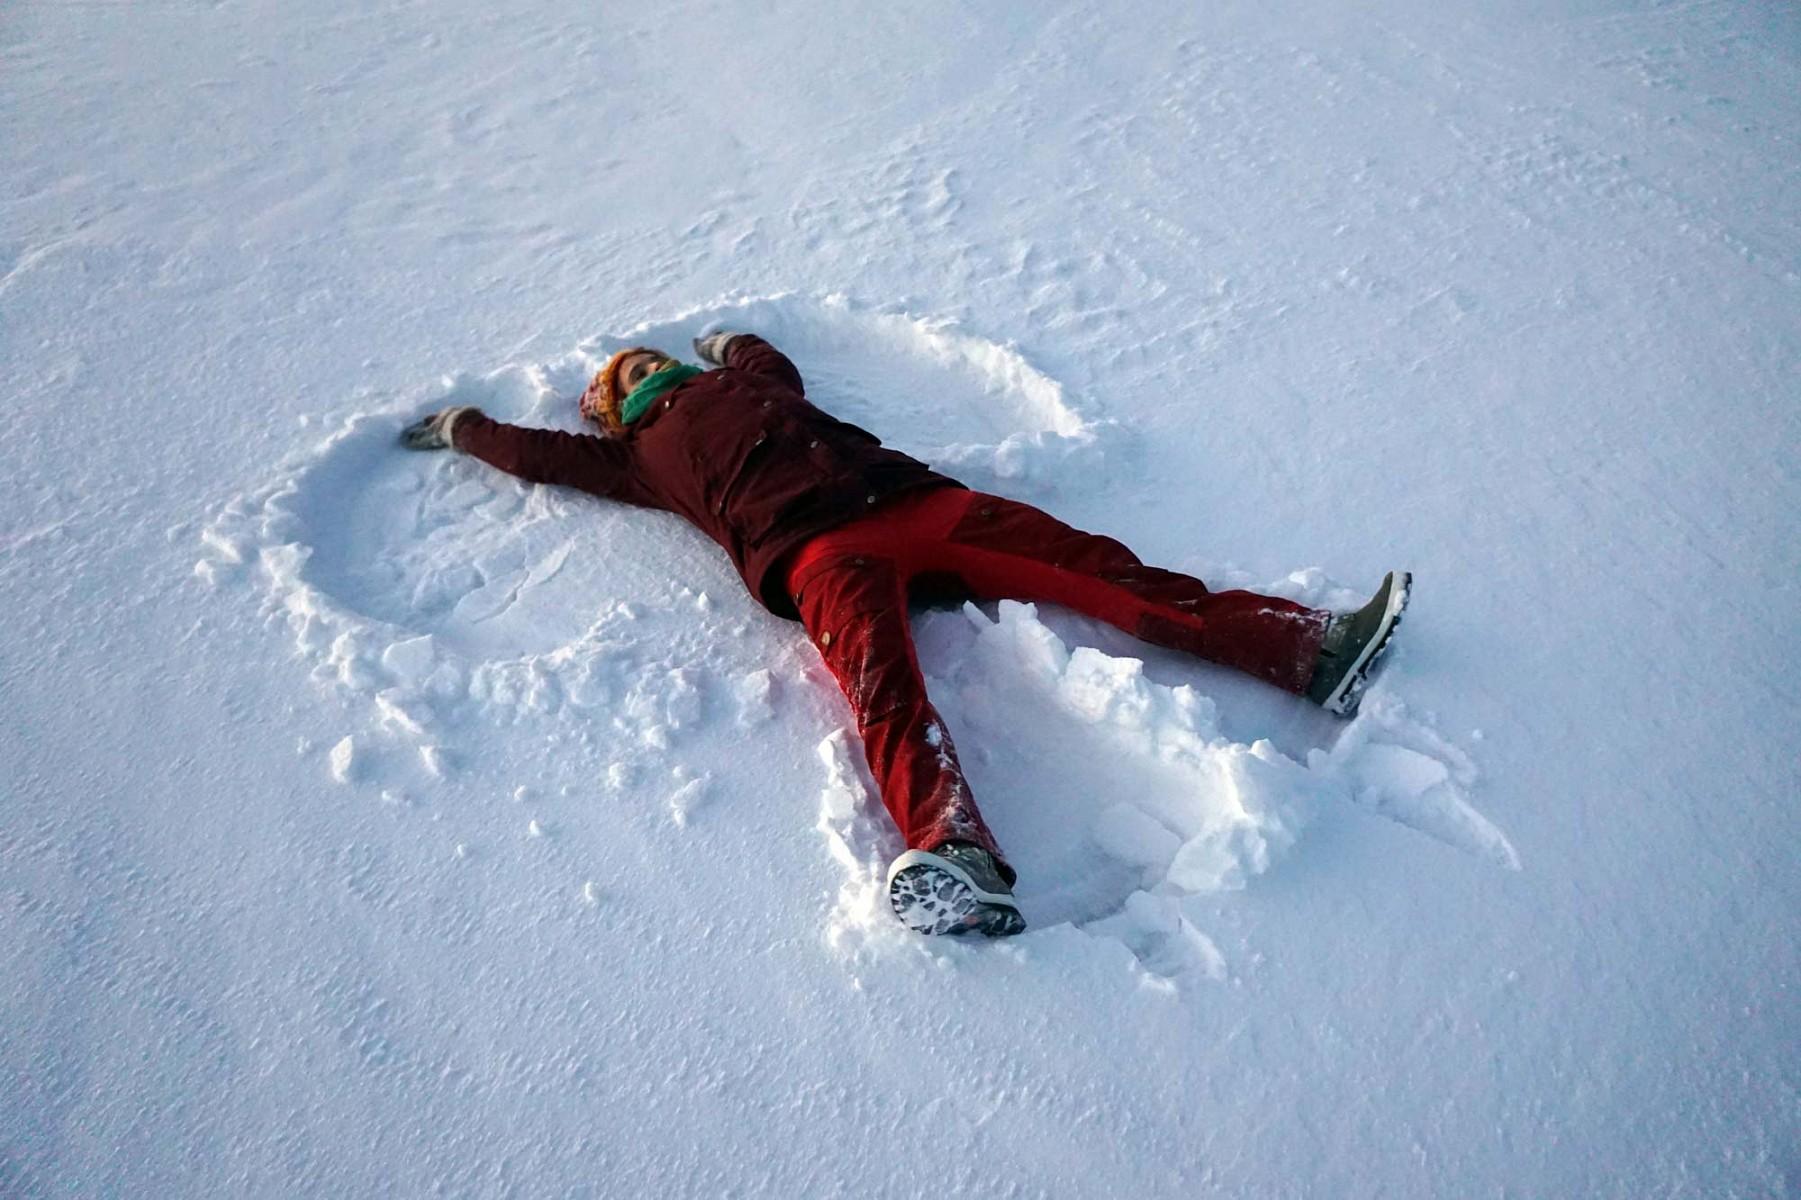 pAuf-einem-Ausflug-in-der-Naumlhe-der-Huumltte-entstand-auch-dieses-Schnee-Kunstwerknbspp